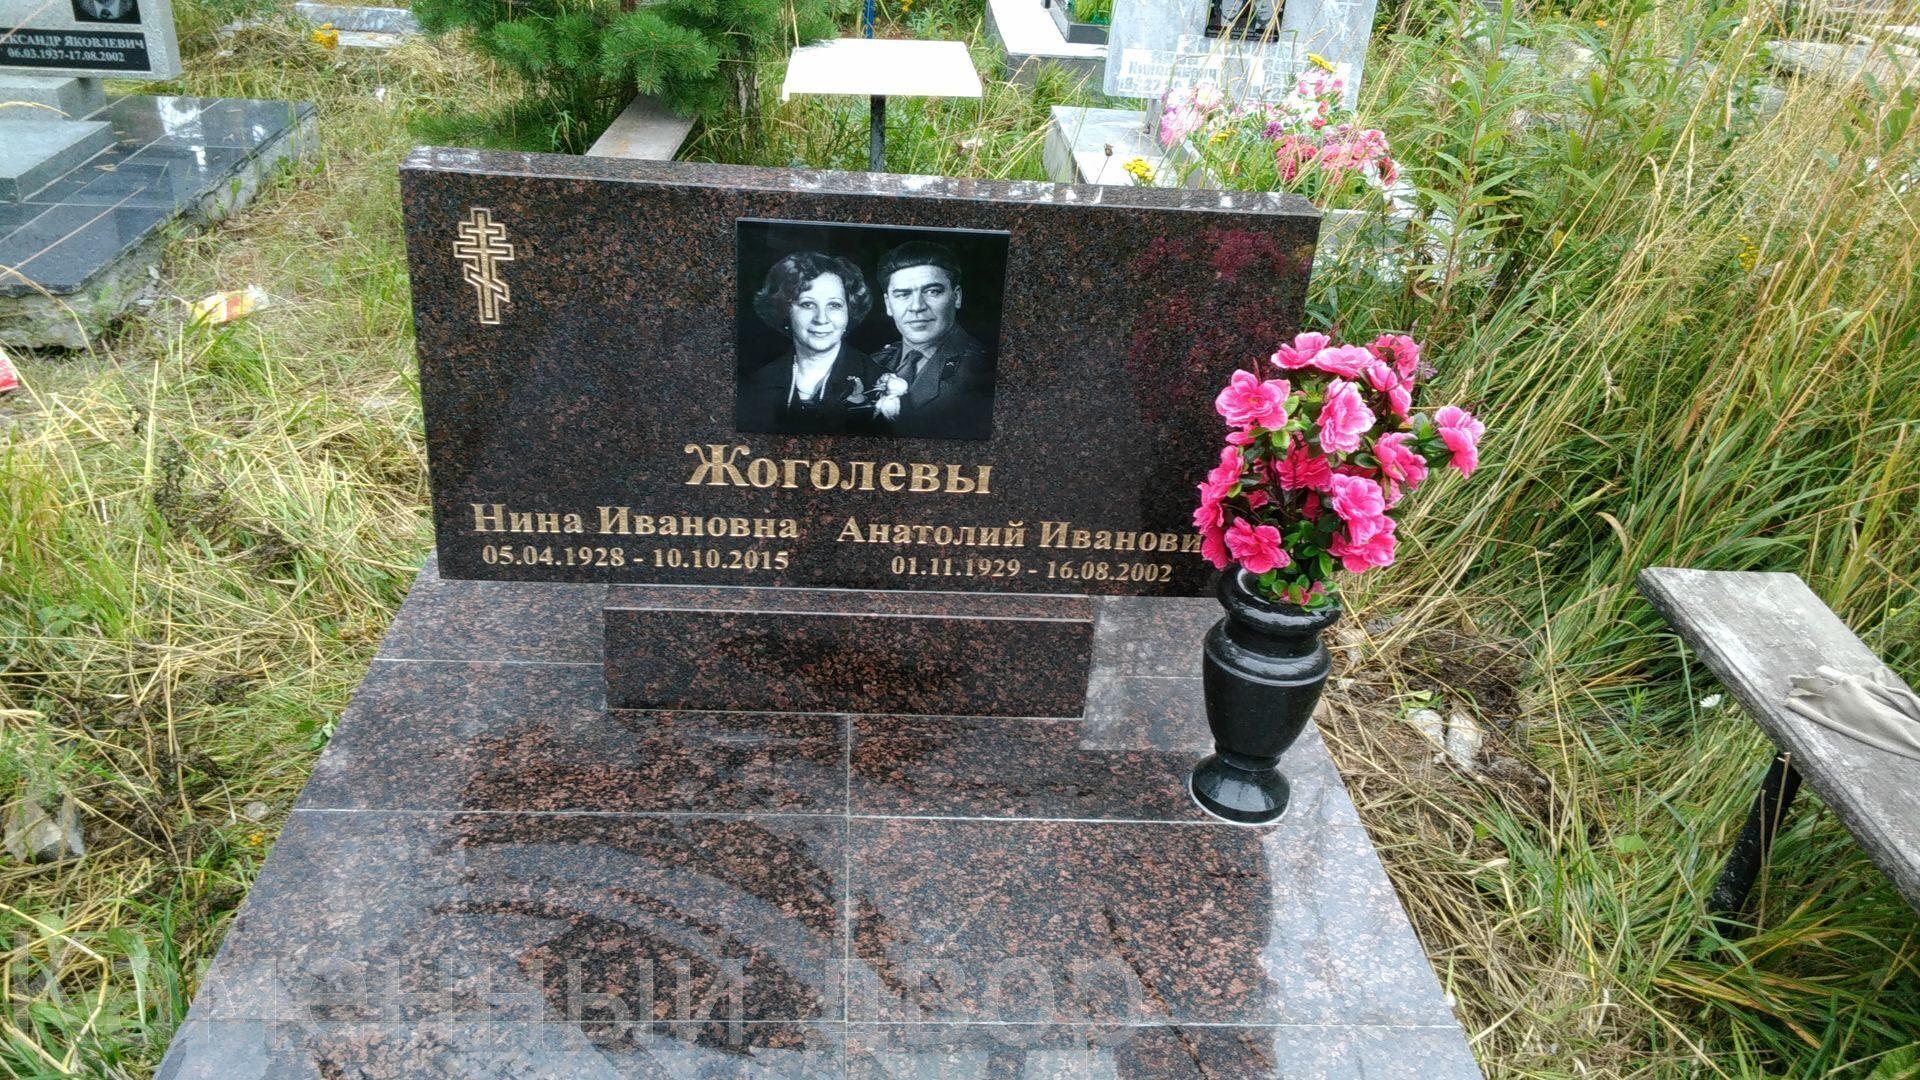 Гранита памятники на могилу фото и цены екатеринбург купить памятники бетон норильске